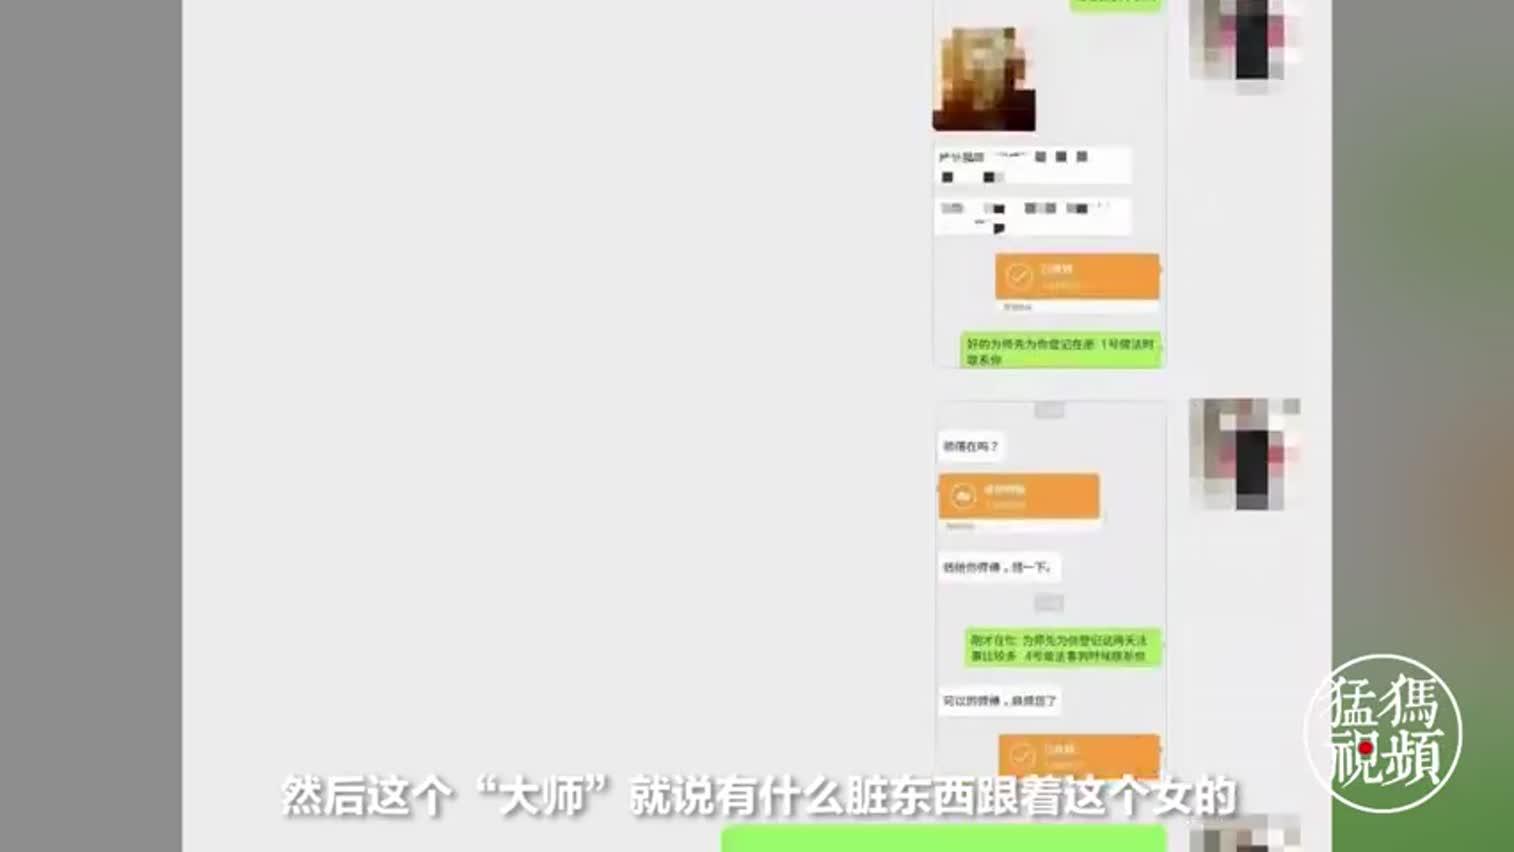 视频-通神大师骗财又骗色 月入10万买宝马车